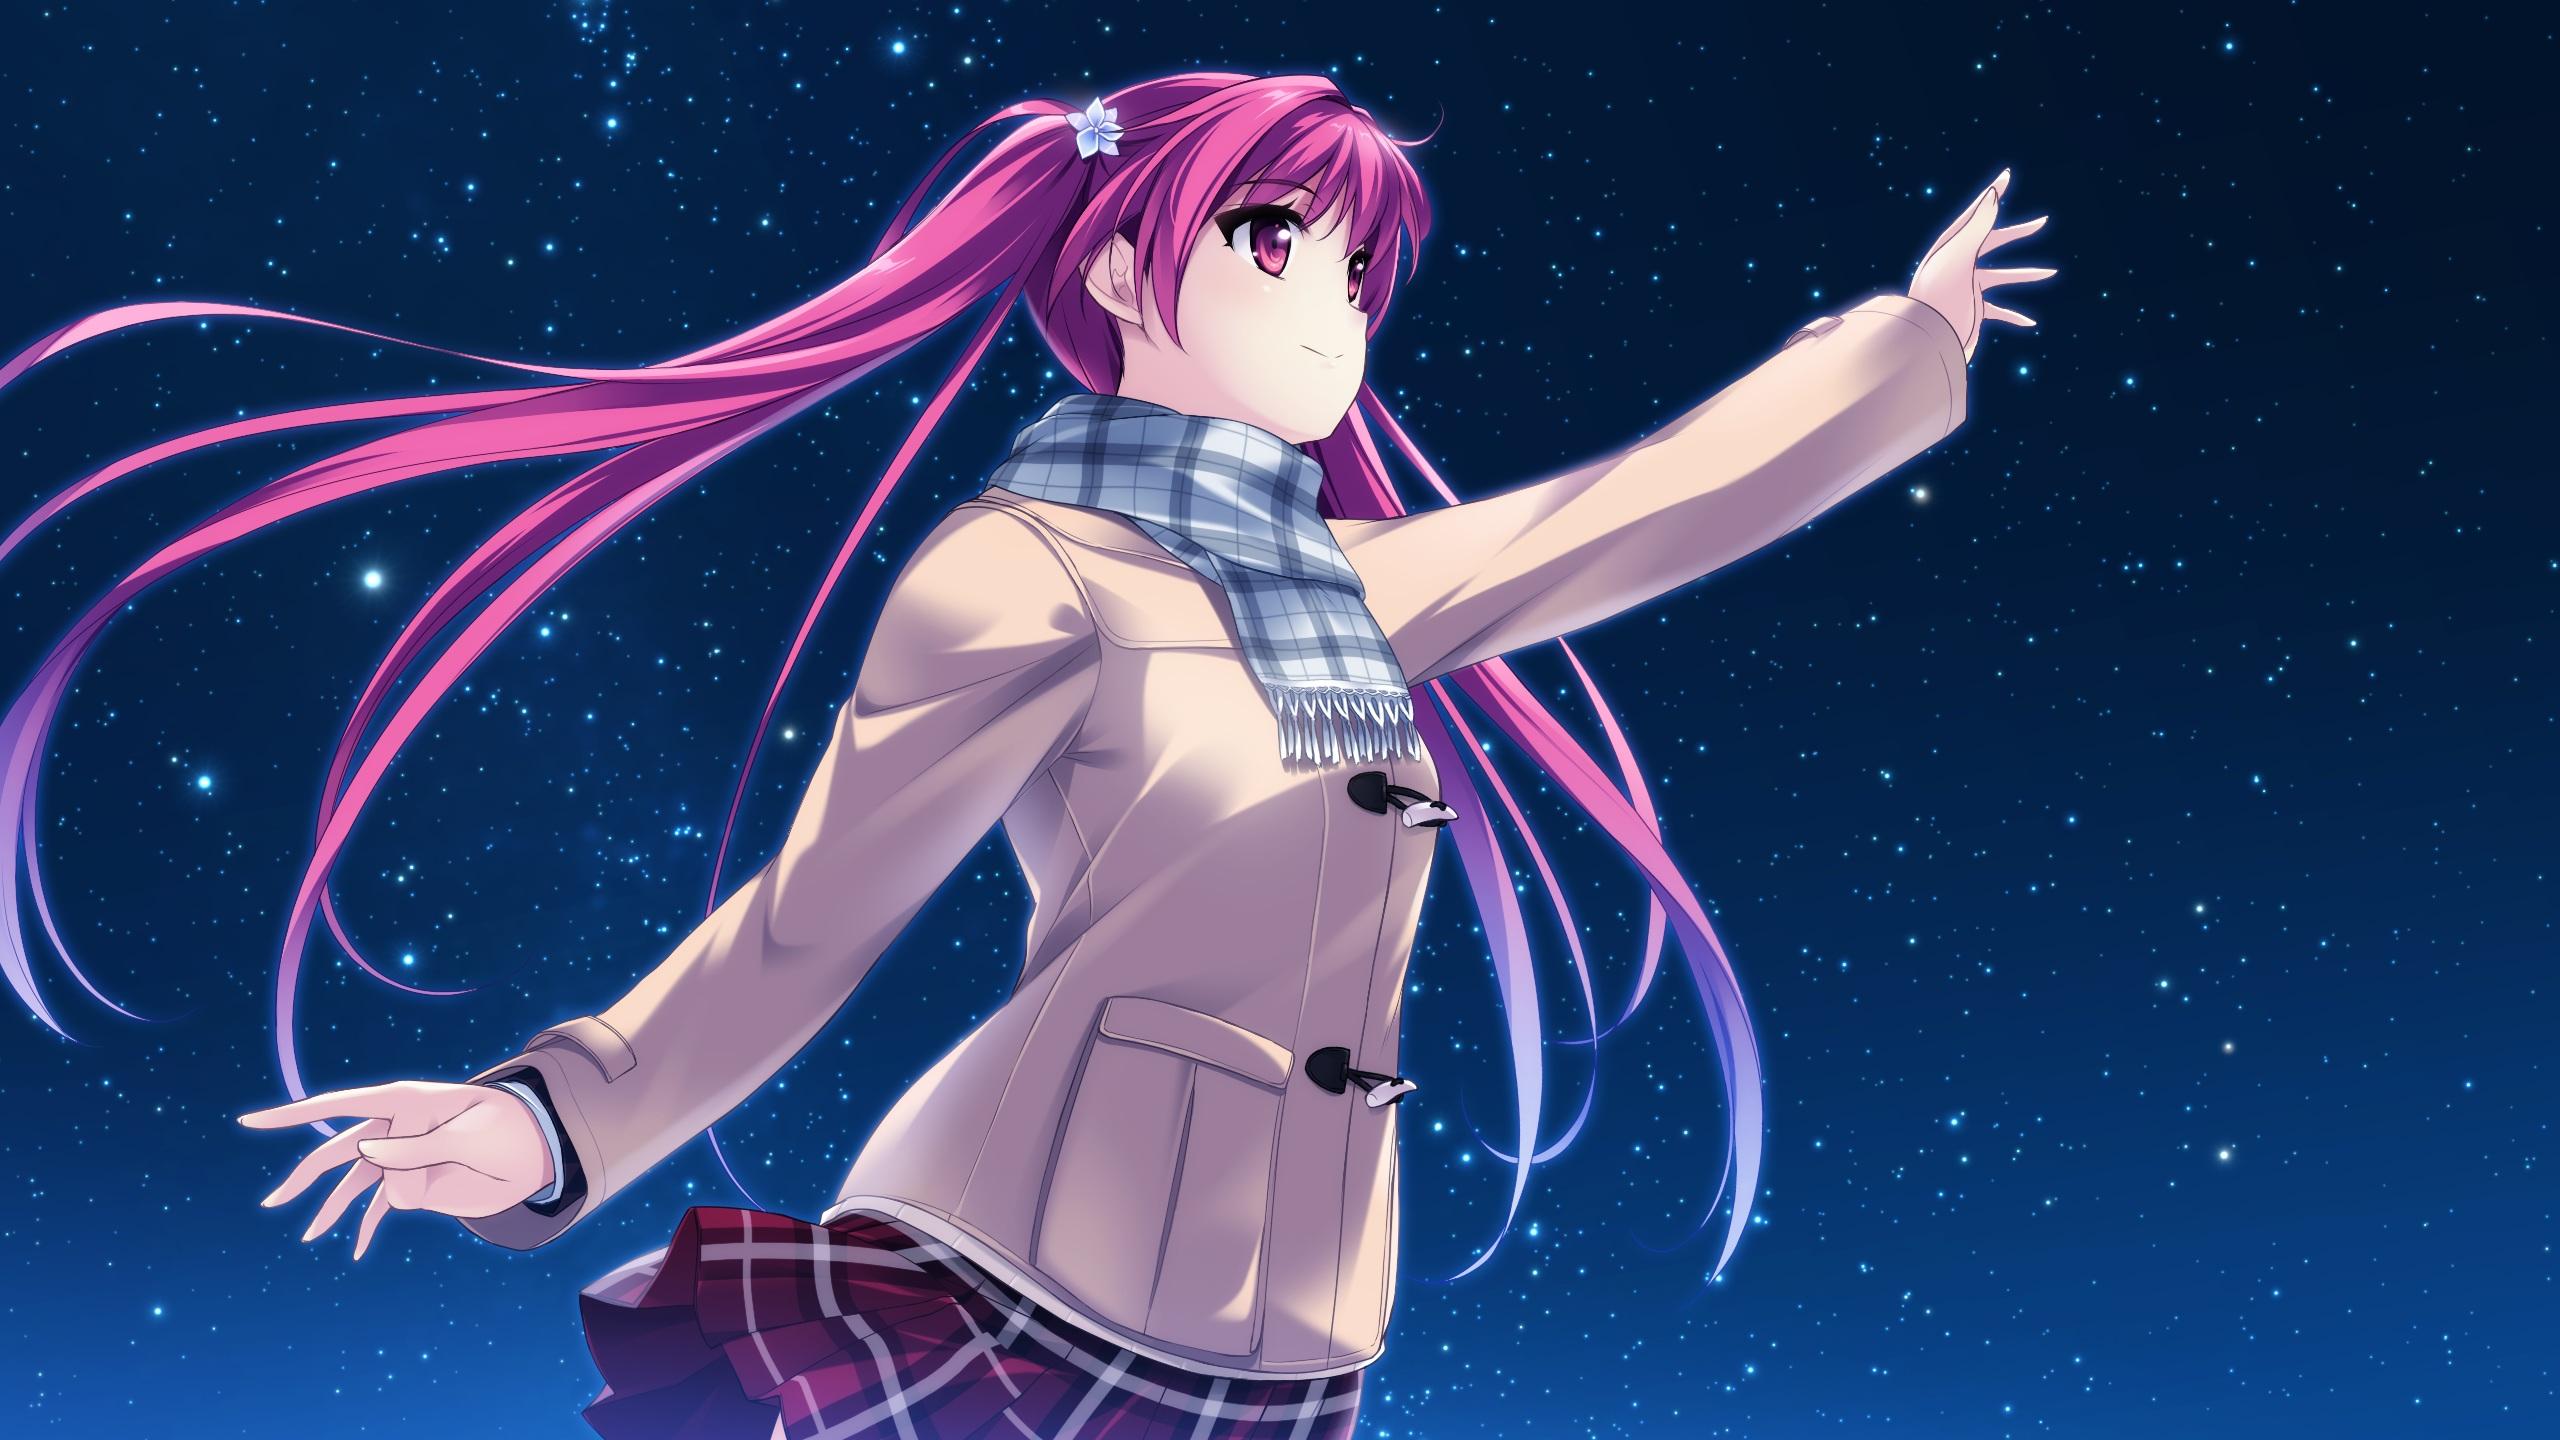 見上げてごらん、夜空の星をCG